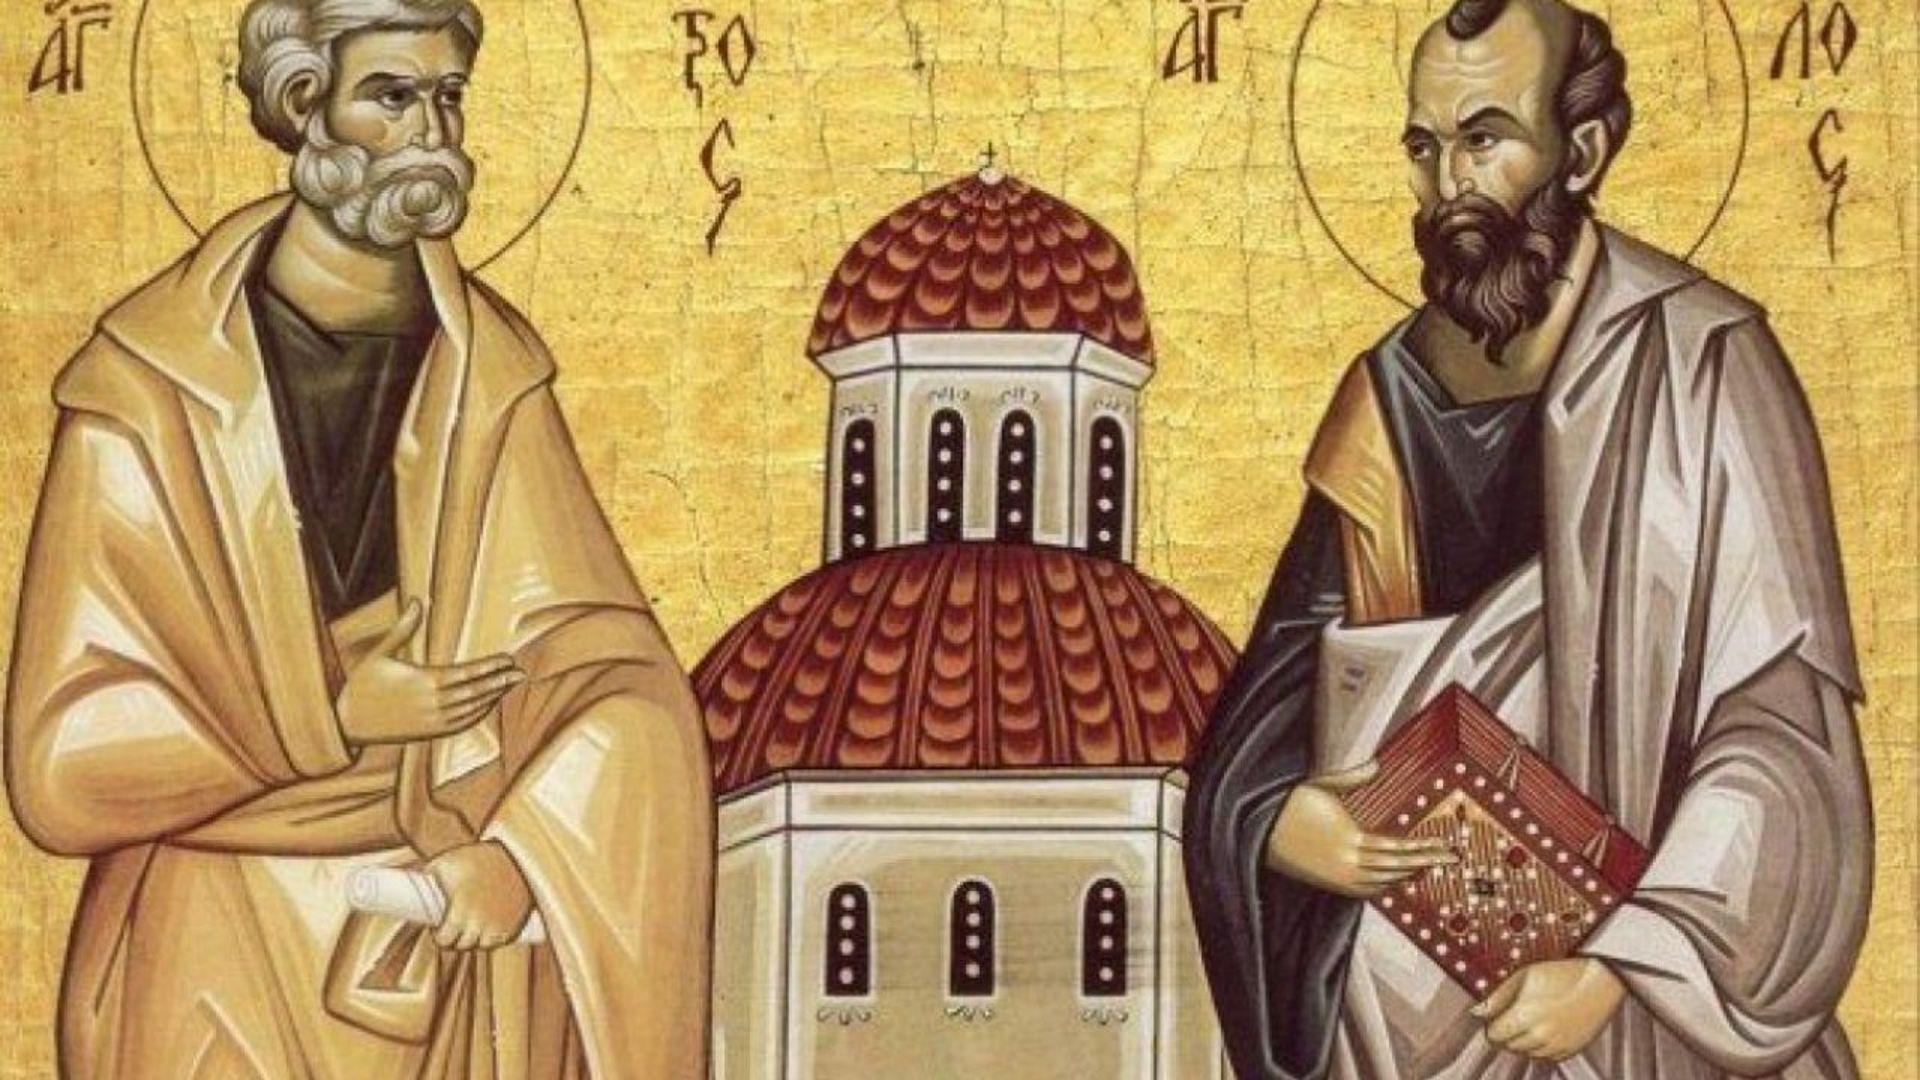 Sfinții Apostoli Petru si Pavel. Tradiții și obiceiuri în zi de sărbătoare